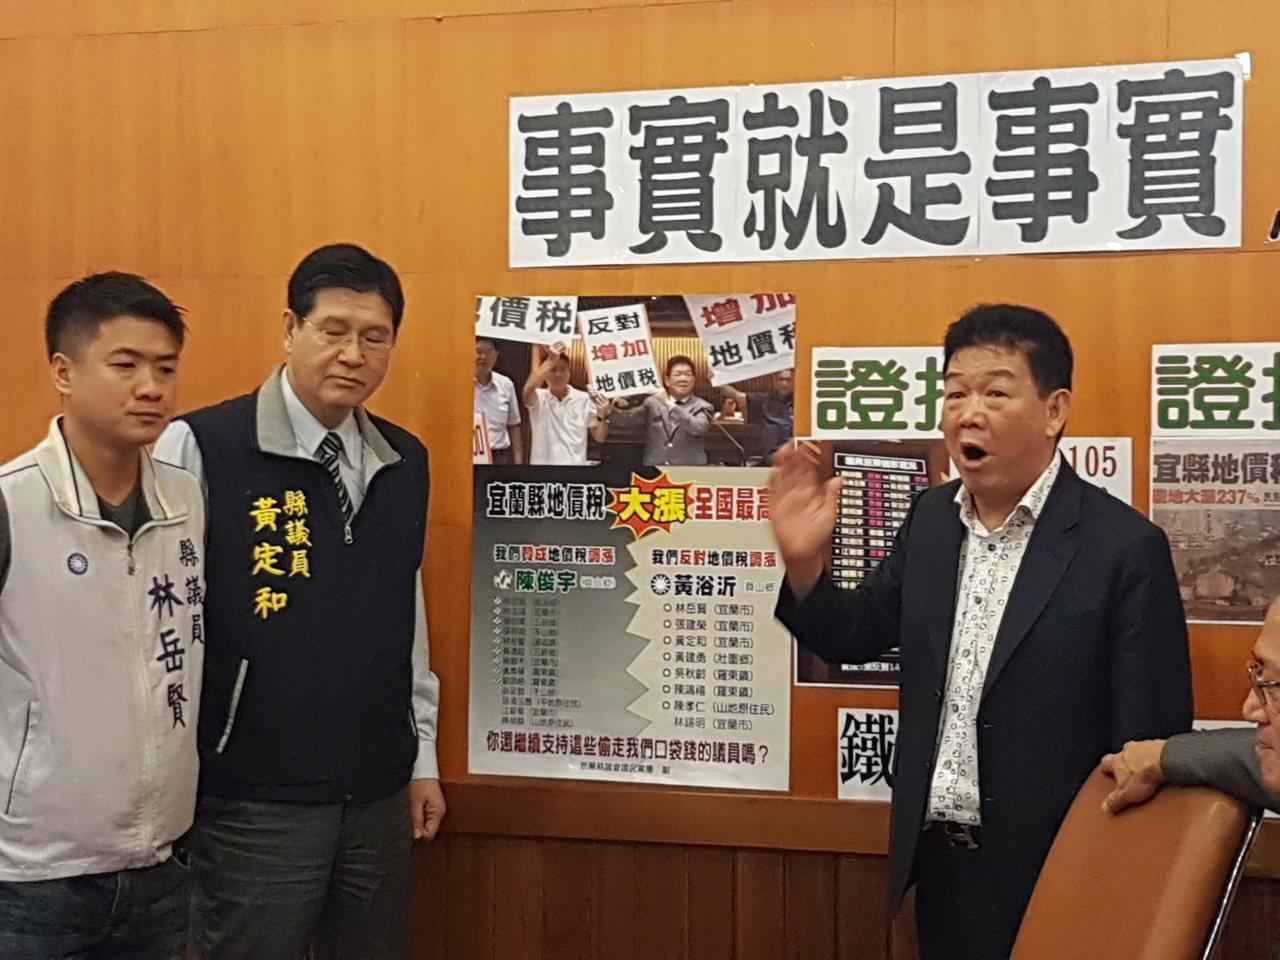 國民黨籍議員林岳賢(左起)黃定和、黃浴沂否認抹黑民進黨。記者吳佩旻/攝影